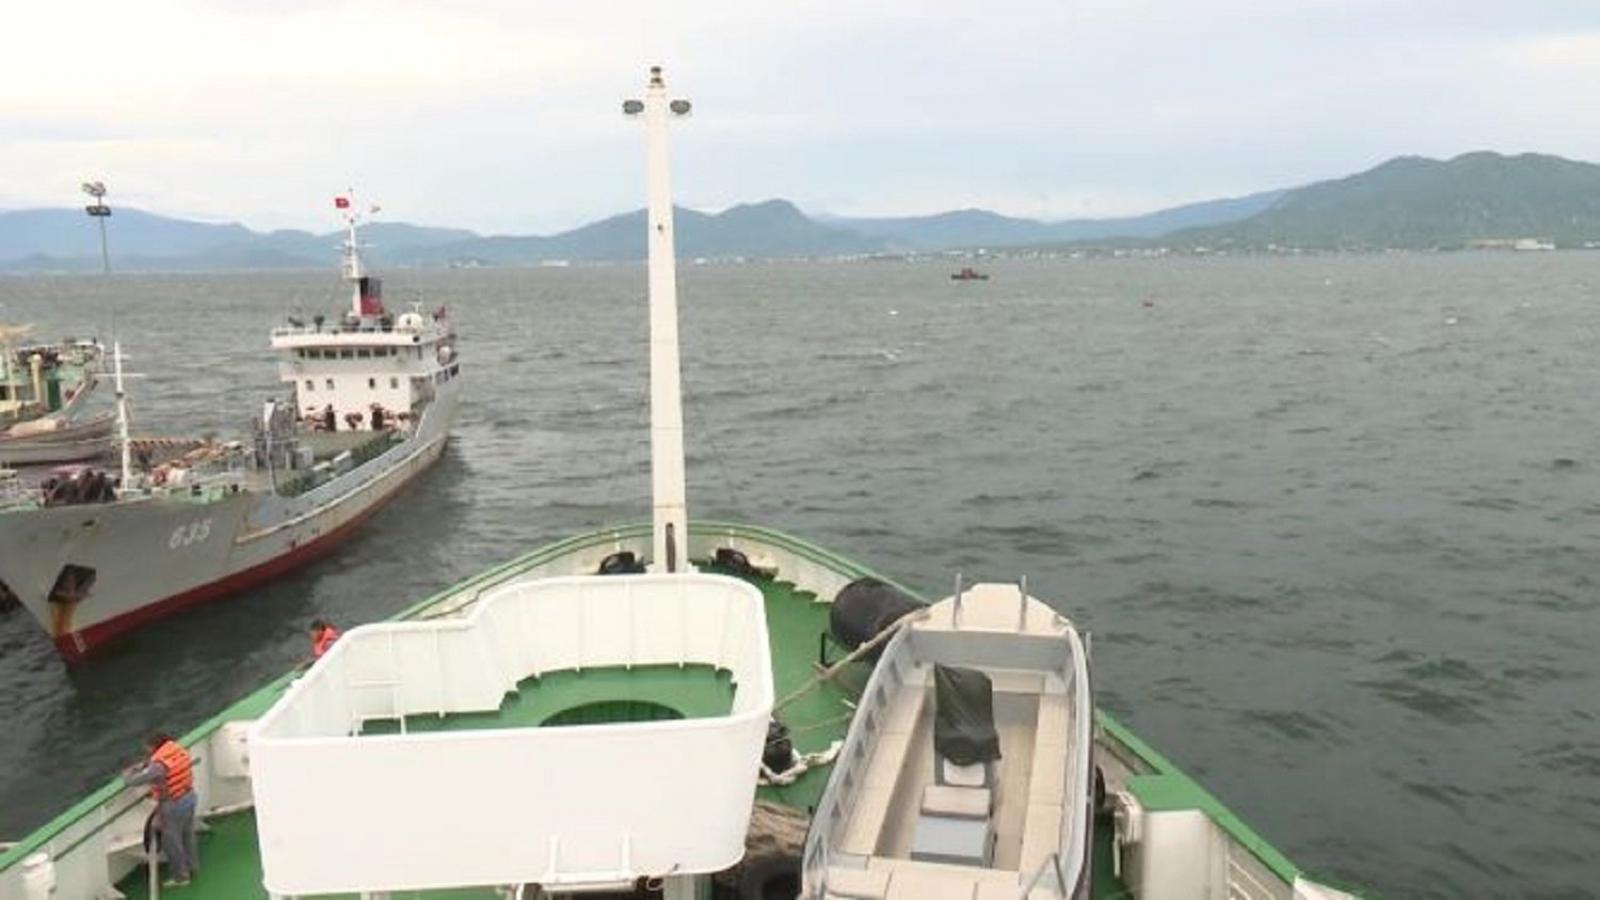 Tiếp cận được tàu cá Bình Định, tiếp tục tìm kiếm 26 ngư dân mất tích